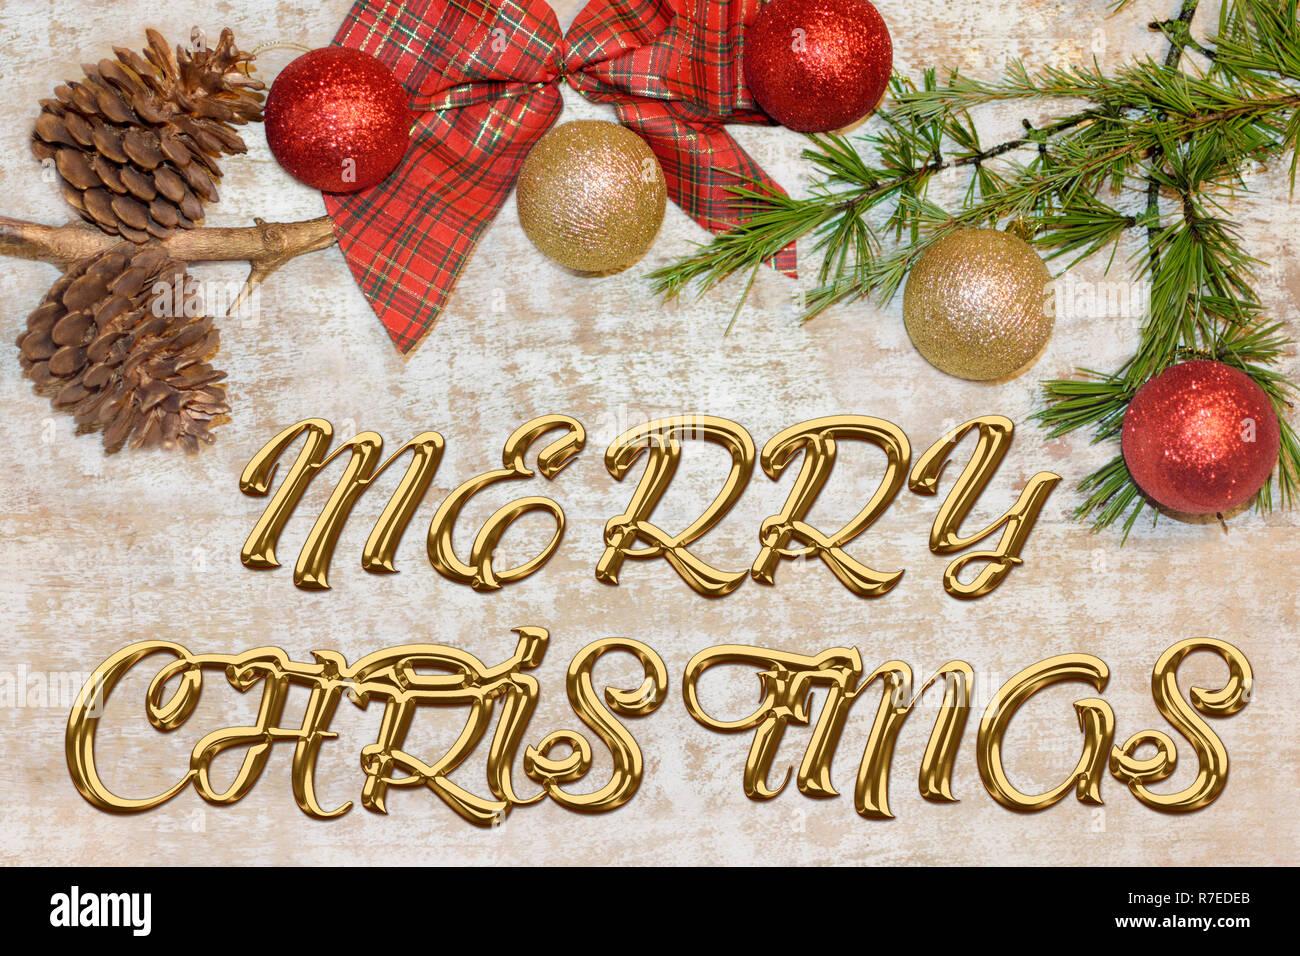 Frohe Weihnachten Rahmen.Weihnachten Zusammensetzung Rahmen Für Die Glückwunschkarte Frohe